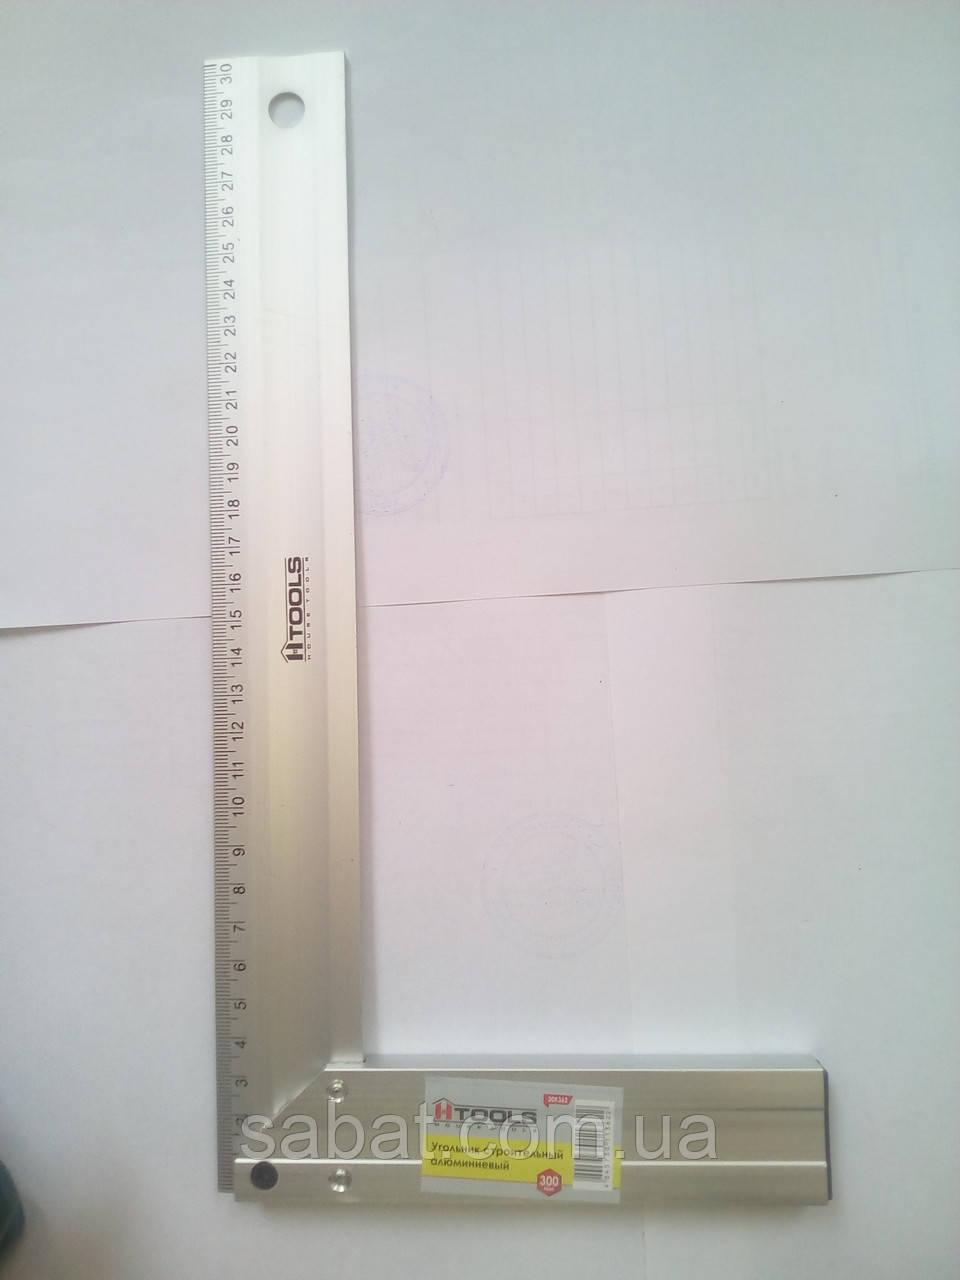 Уголок строительный алюминиевый 35 см